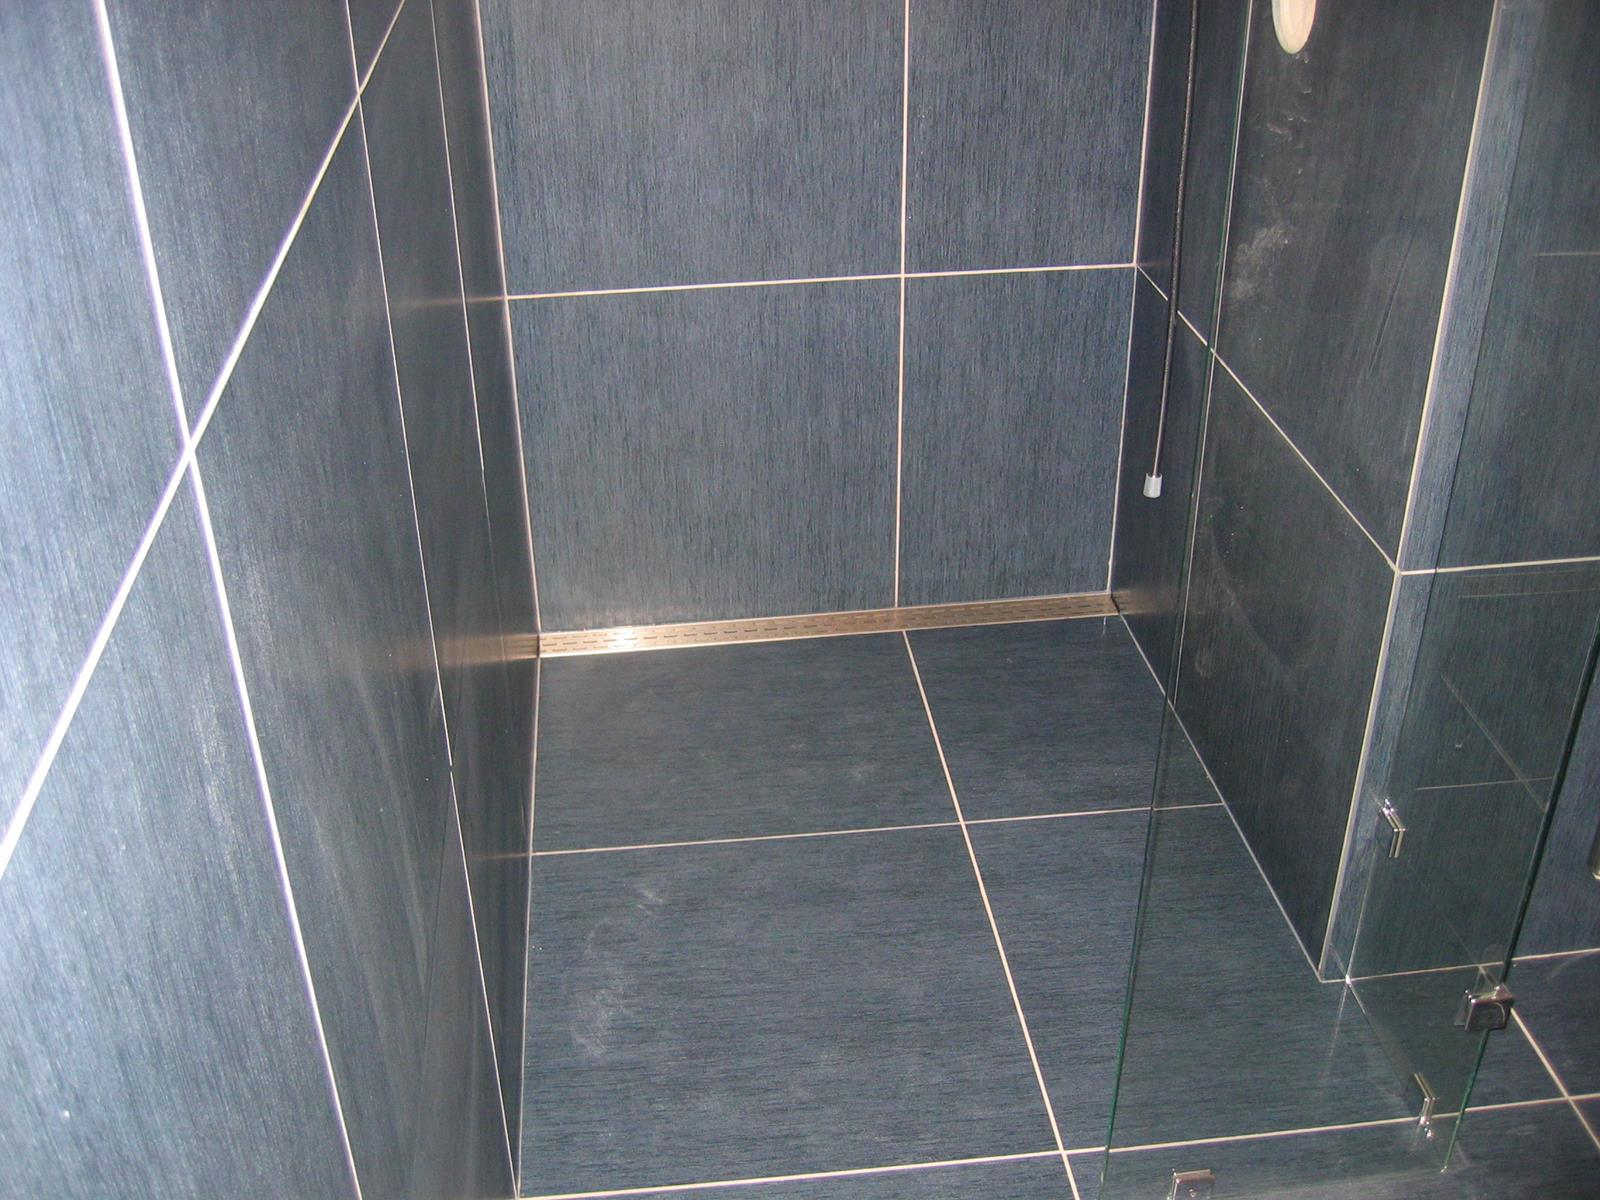 pvblik badkamer vloer idee